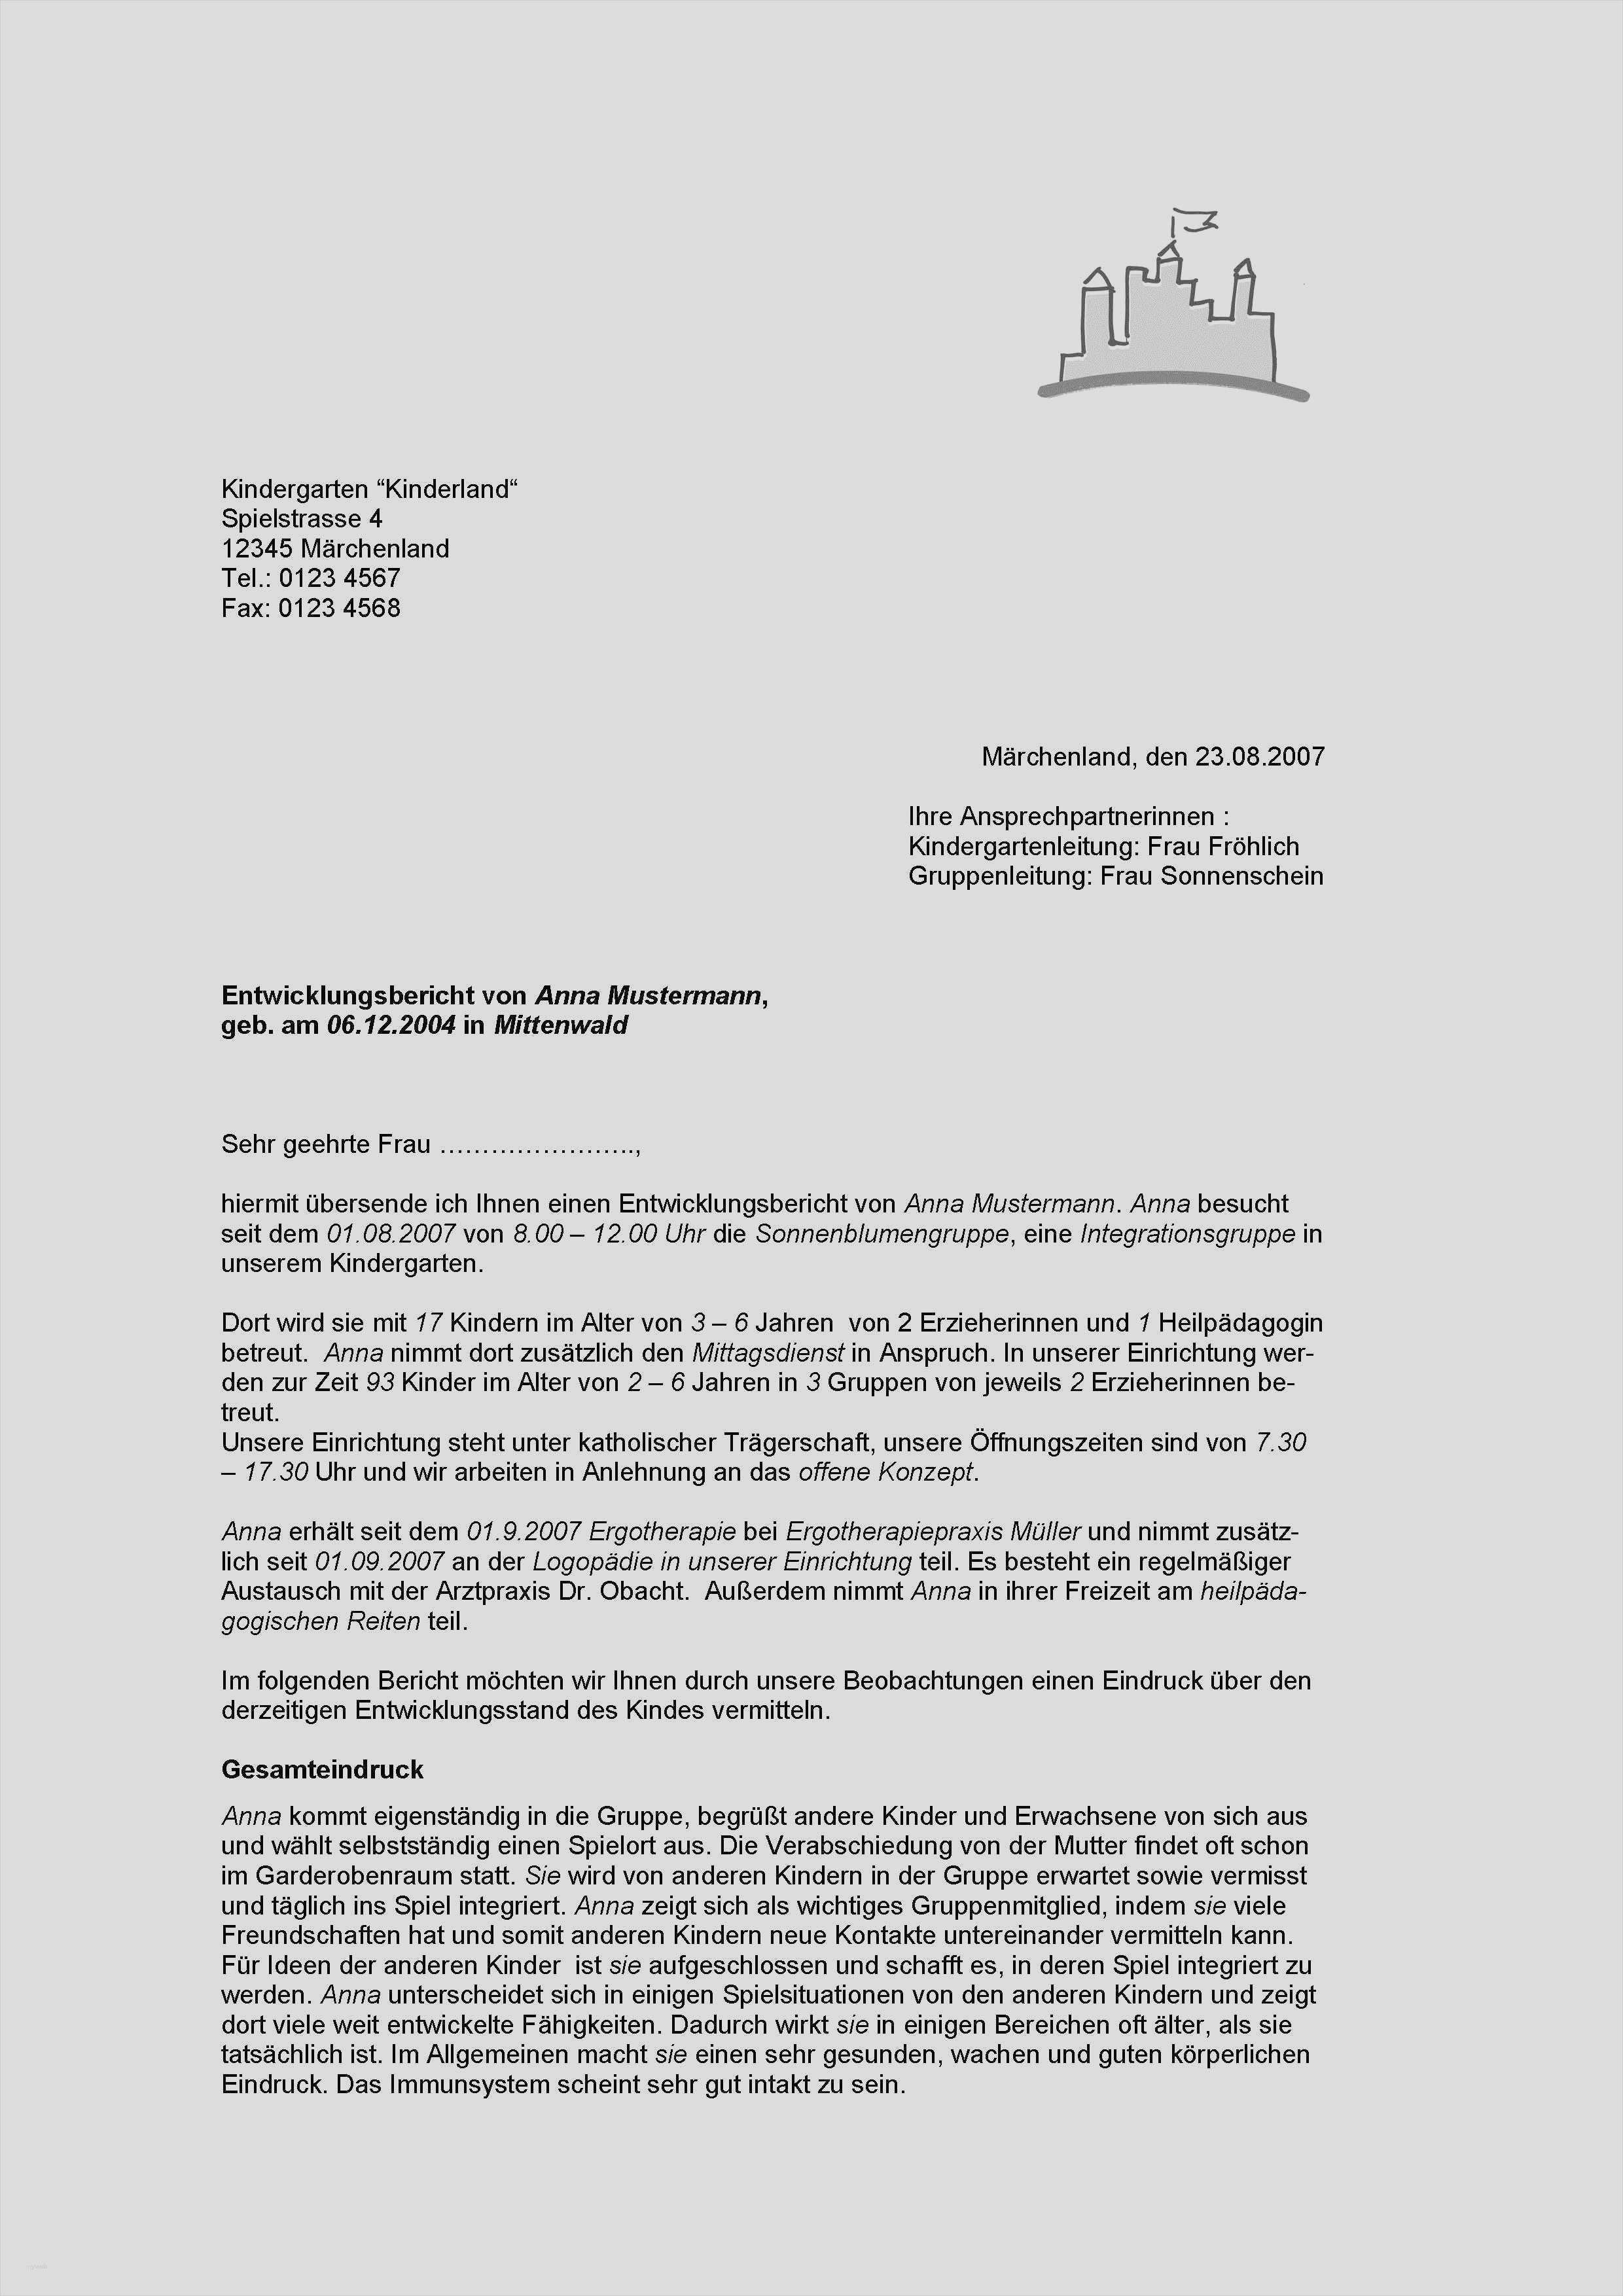 19 Elegant Entwicklungsbericht Grundschule Vorlage Ebendiese